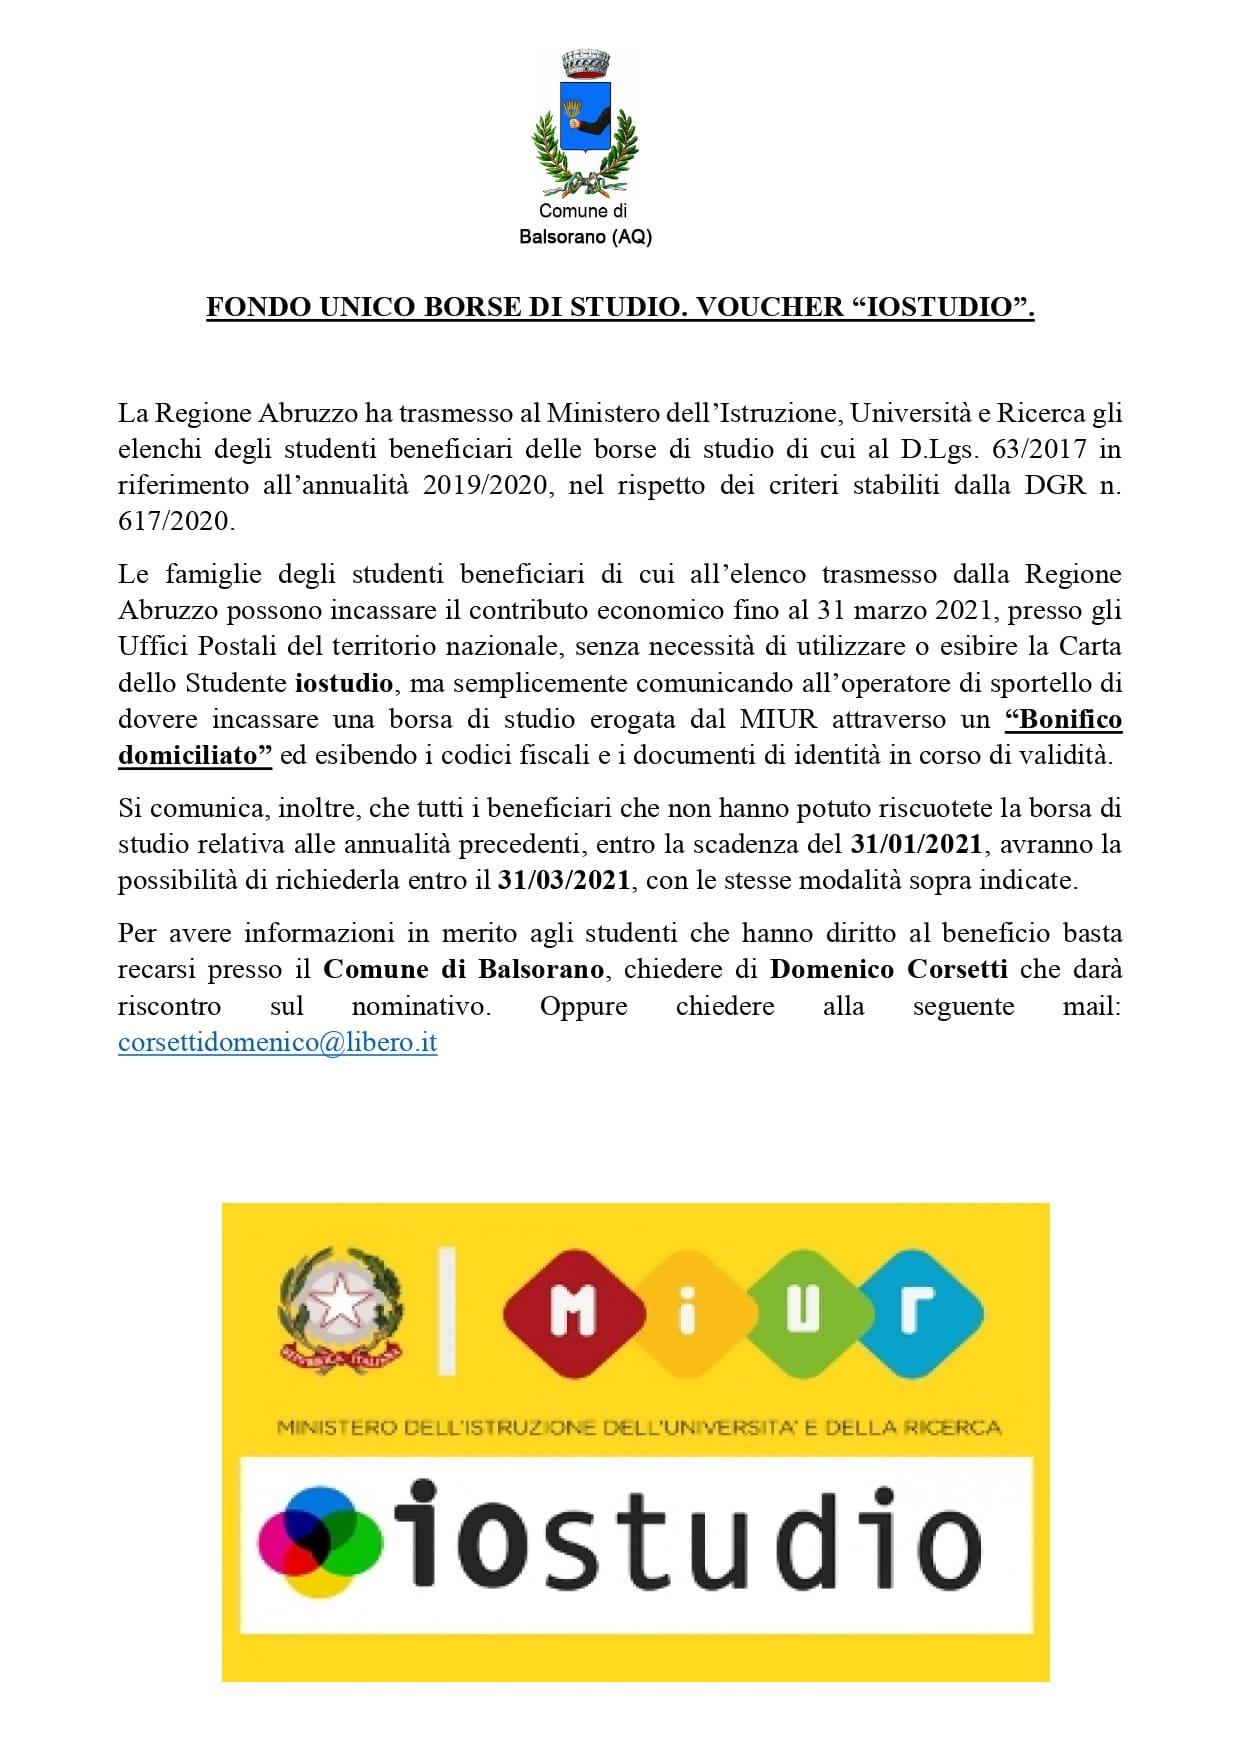 """Avviso del Comune di Balsorano: disponibili gli elenchi degli studenti beneficiari del Voucher """"Iostudio"""""""